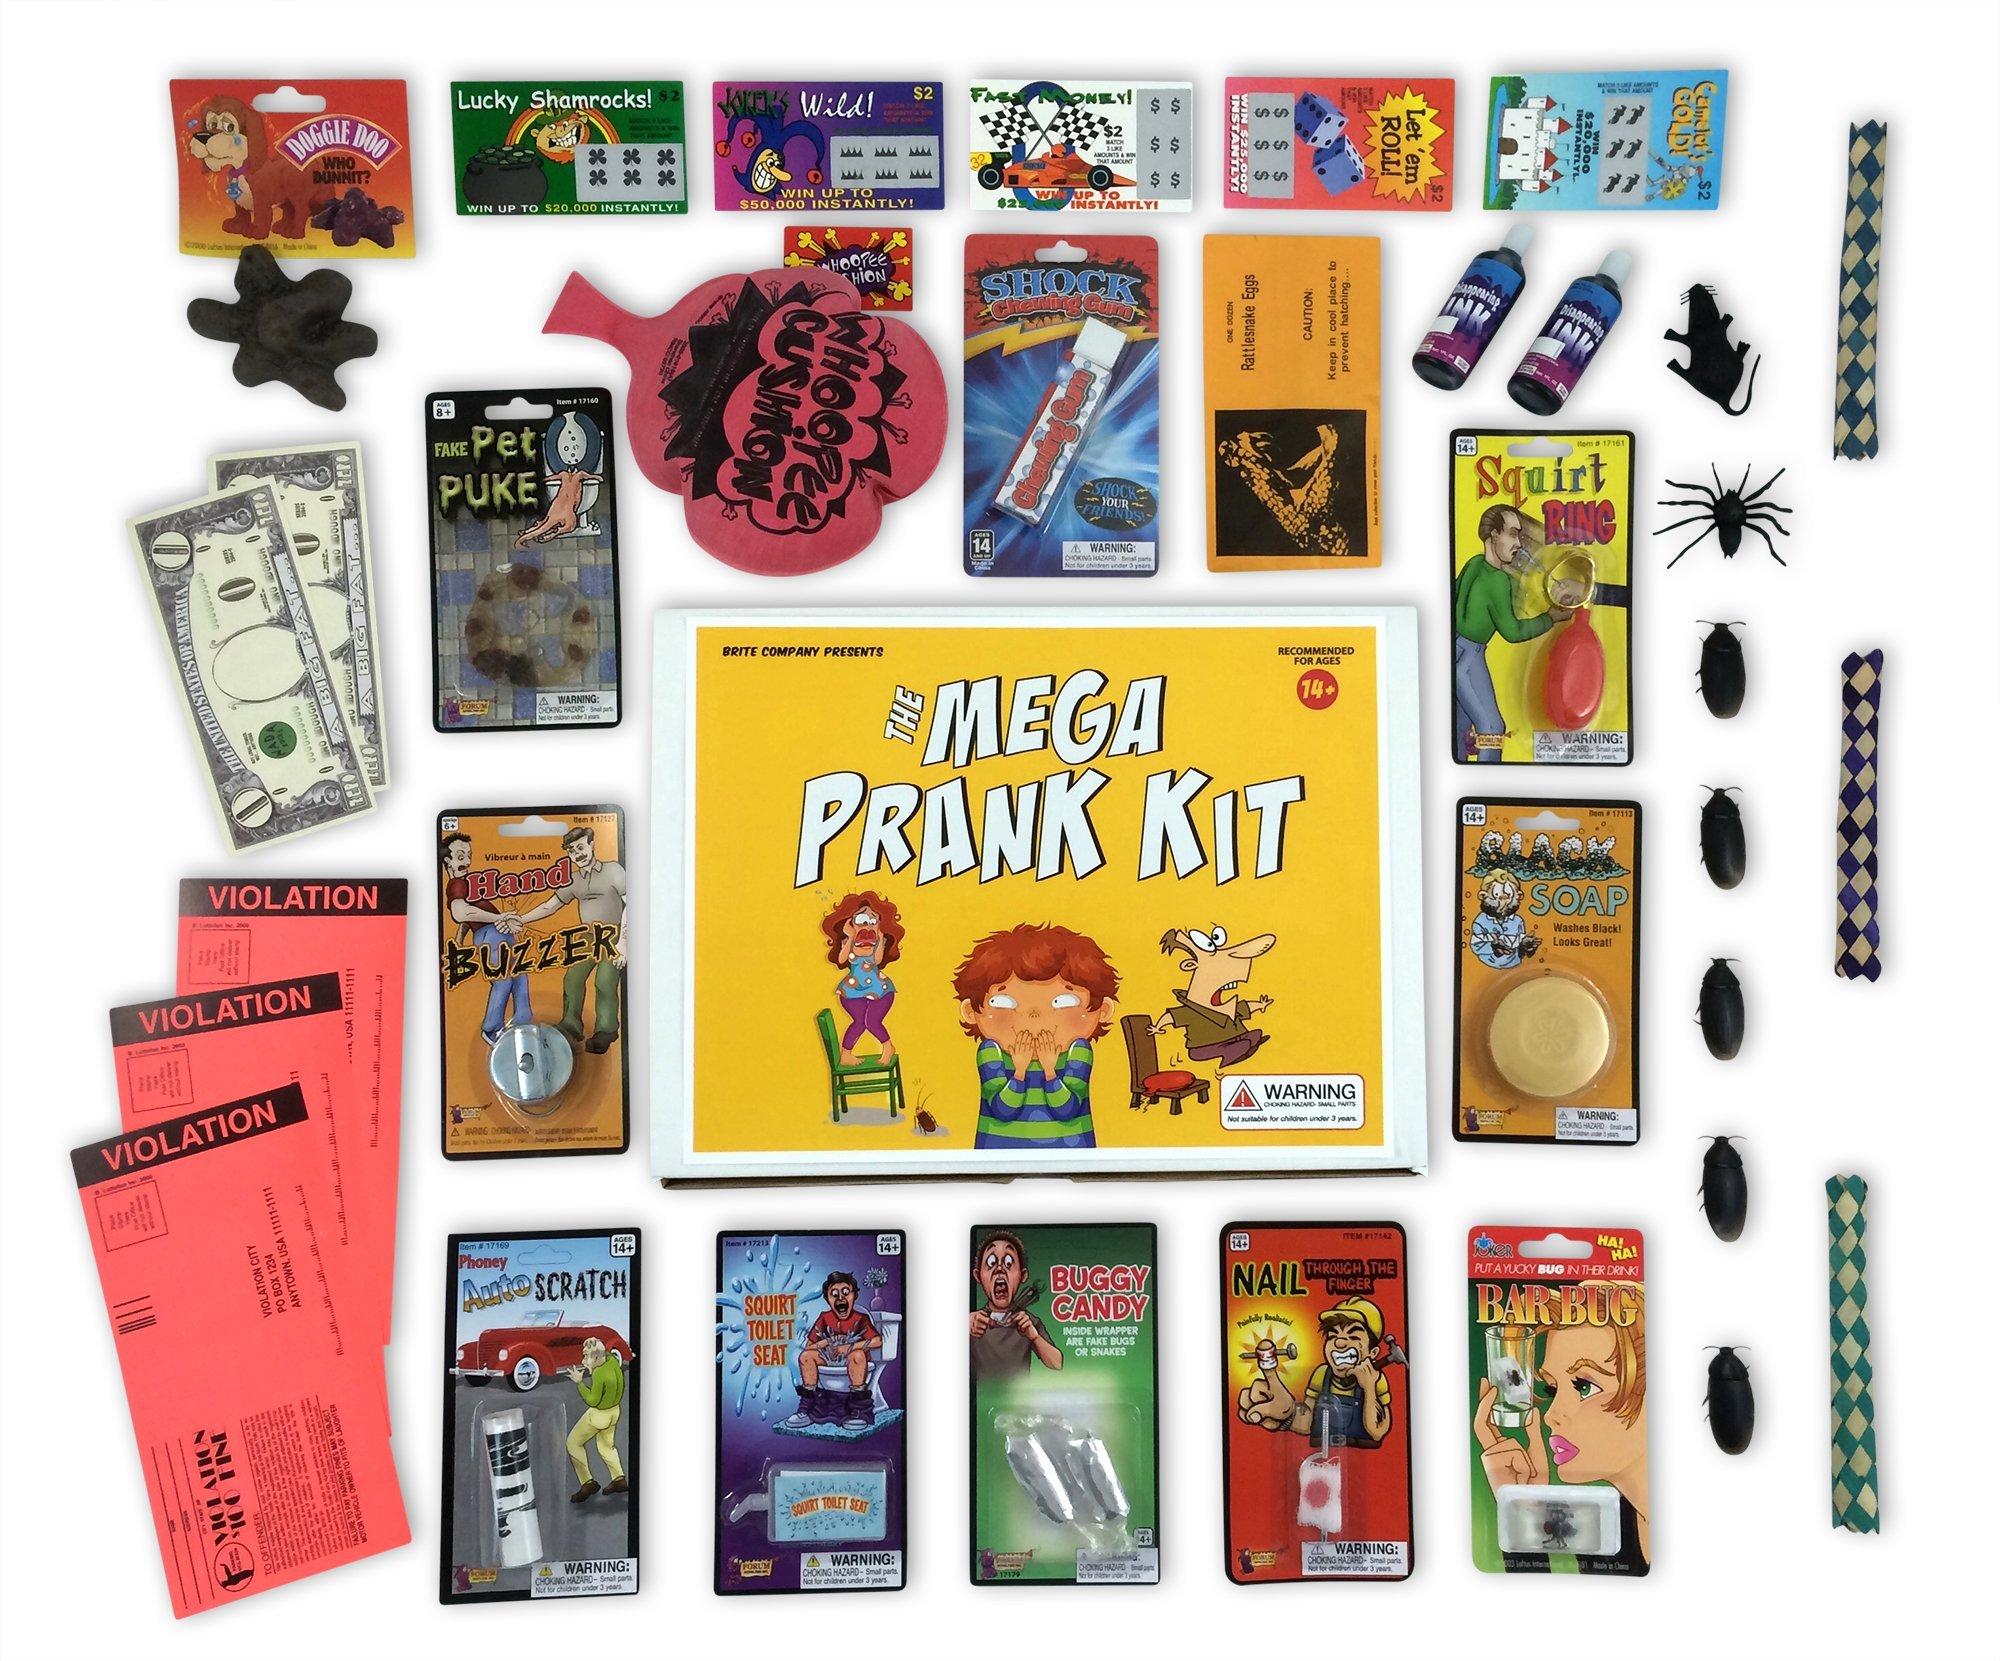 The Mega Prank Kit - 35 Funny Pranks and Jokes in a Gift Box by Brite Co Pranks